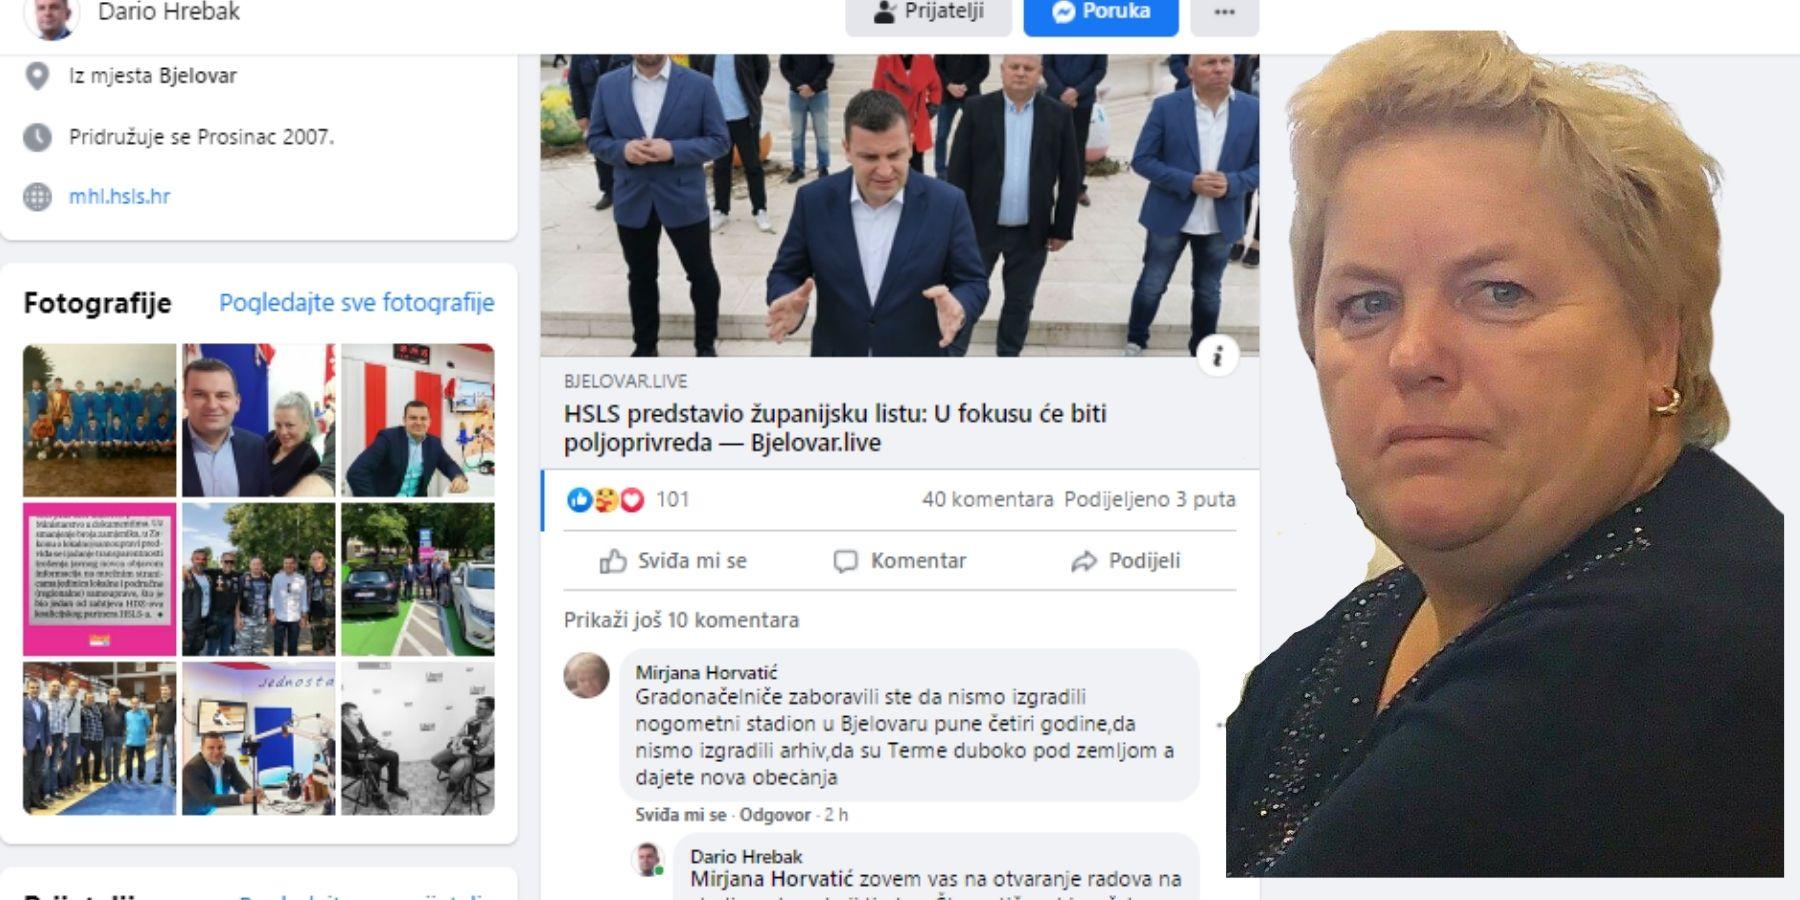 Hrebak Bajsovoj vijećnici: Svaki bedak zna dignuti kredit, rado ću pokazati županu kako do EU novca!